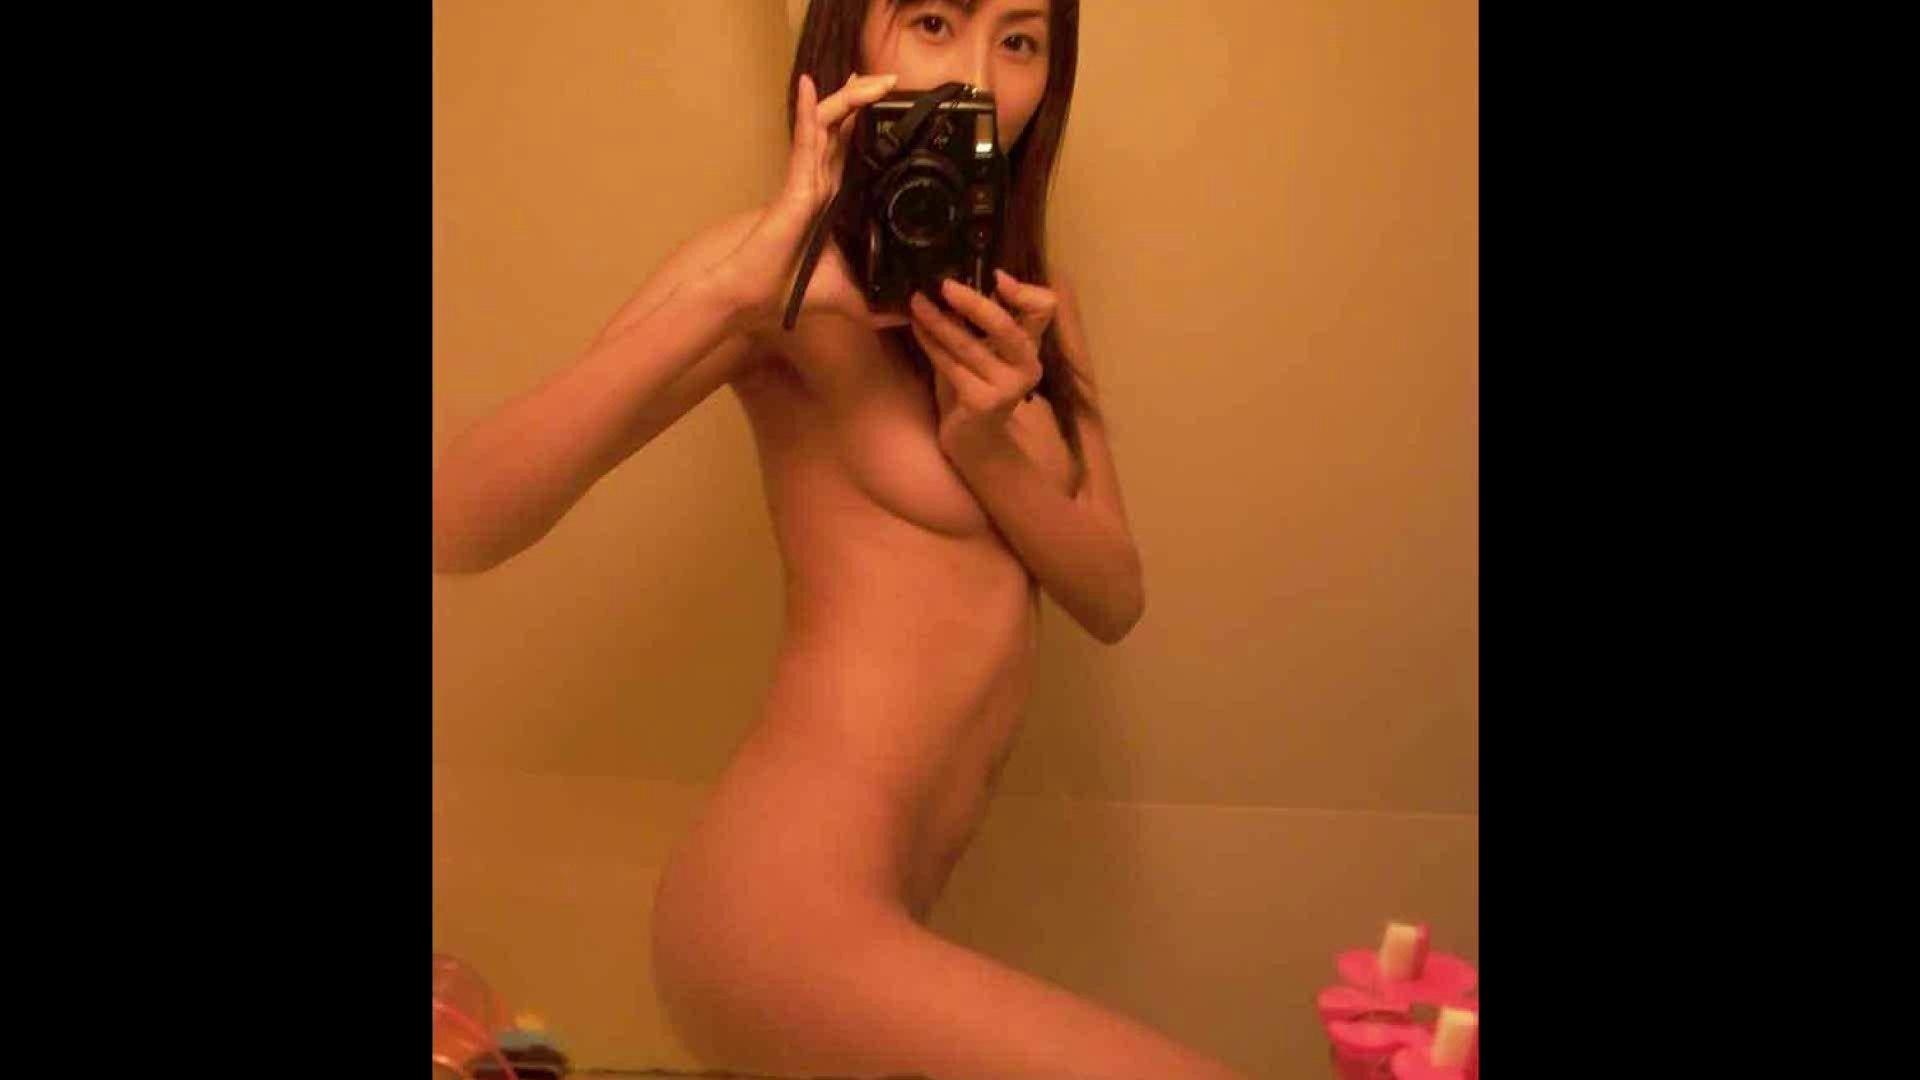 キレイに撮れるんです!No12!韓国流出編Vol.14 エッチなセックス 盗撮画像 66画像 63